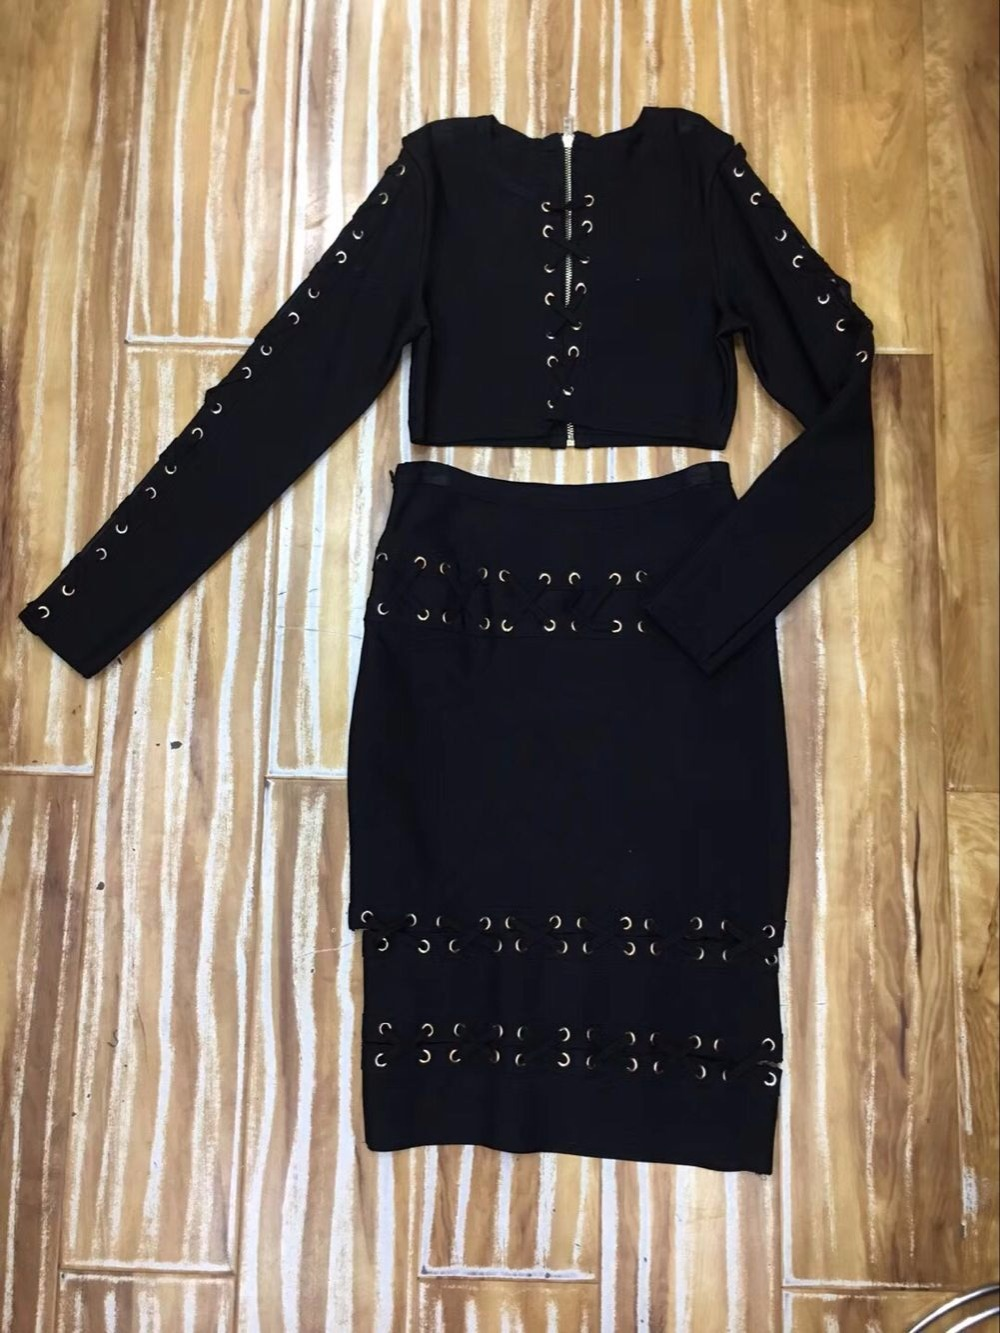 Robe Black Femmes Gros Dropshipping Nouvelles De Bandage Robes Pièces Deux Lace Rayonne Cut Soirée Ensembles 2018 Out En Up fqCwEAx